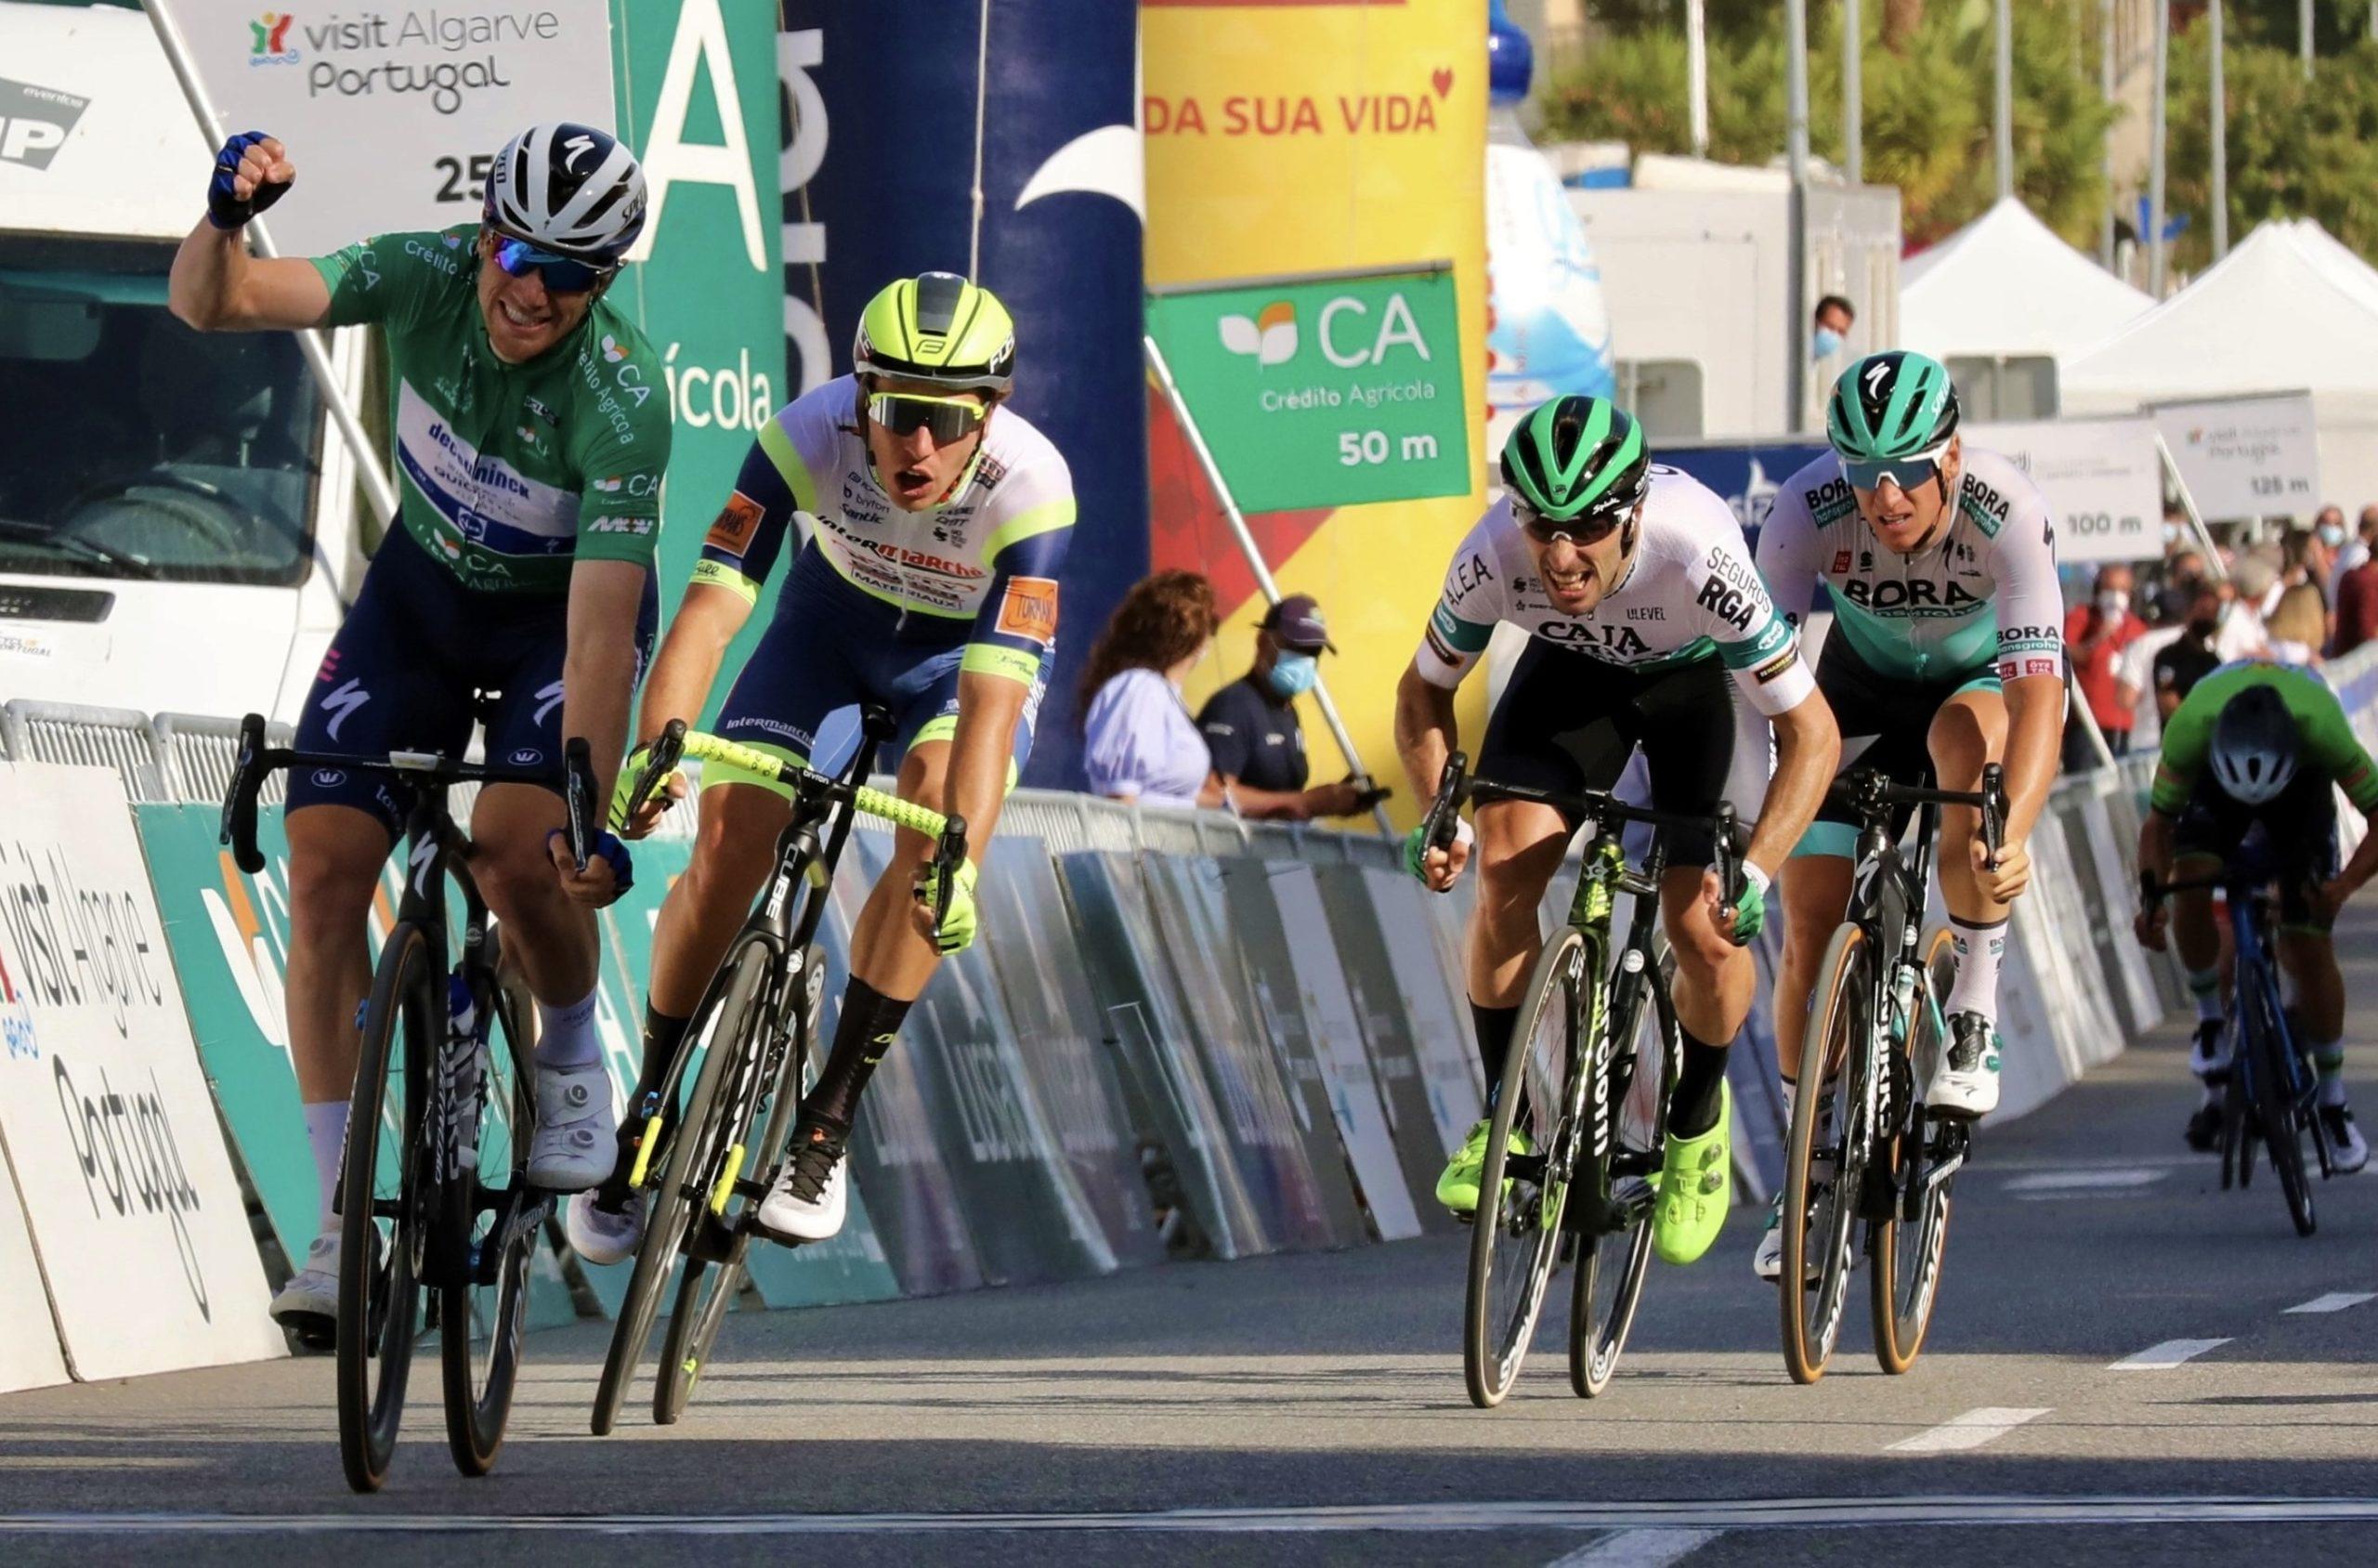 Tercer día consecutivo acariciando la victoria en Algarve: Aberasturi, 4º en Tavira